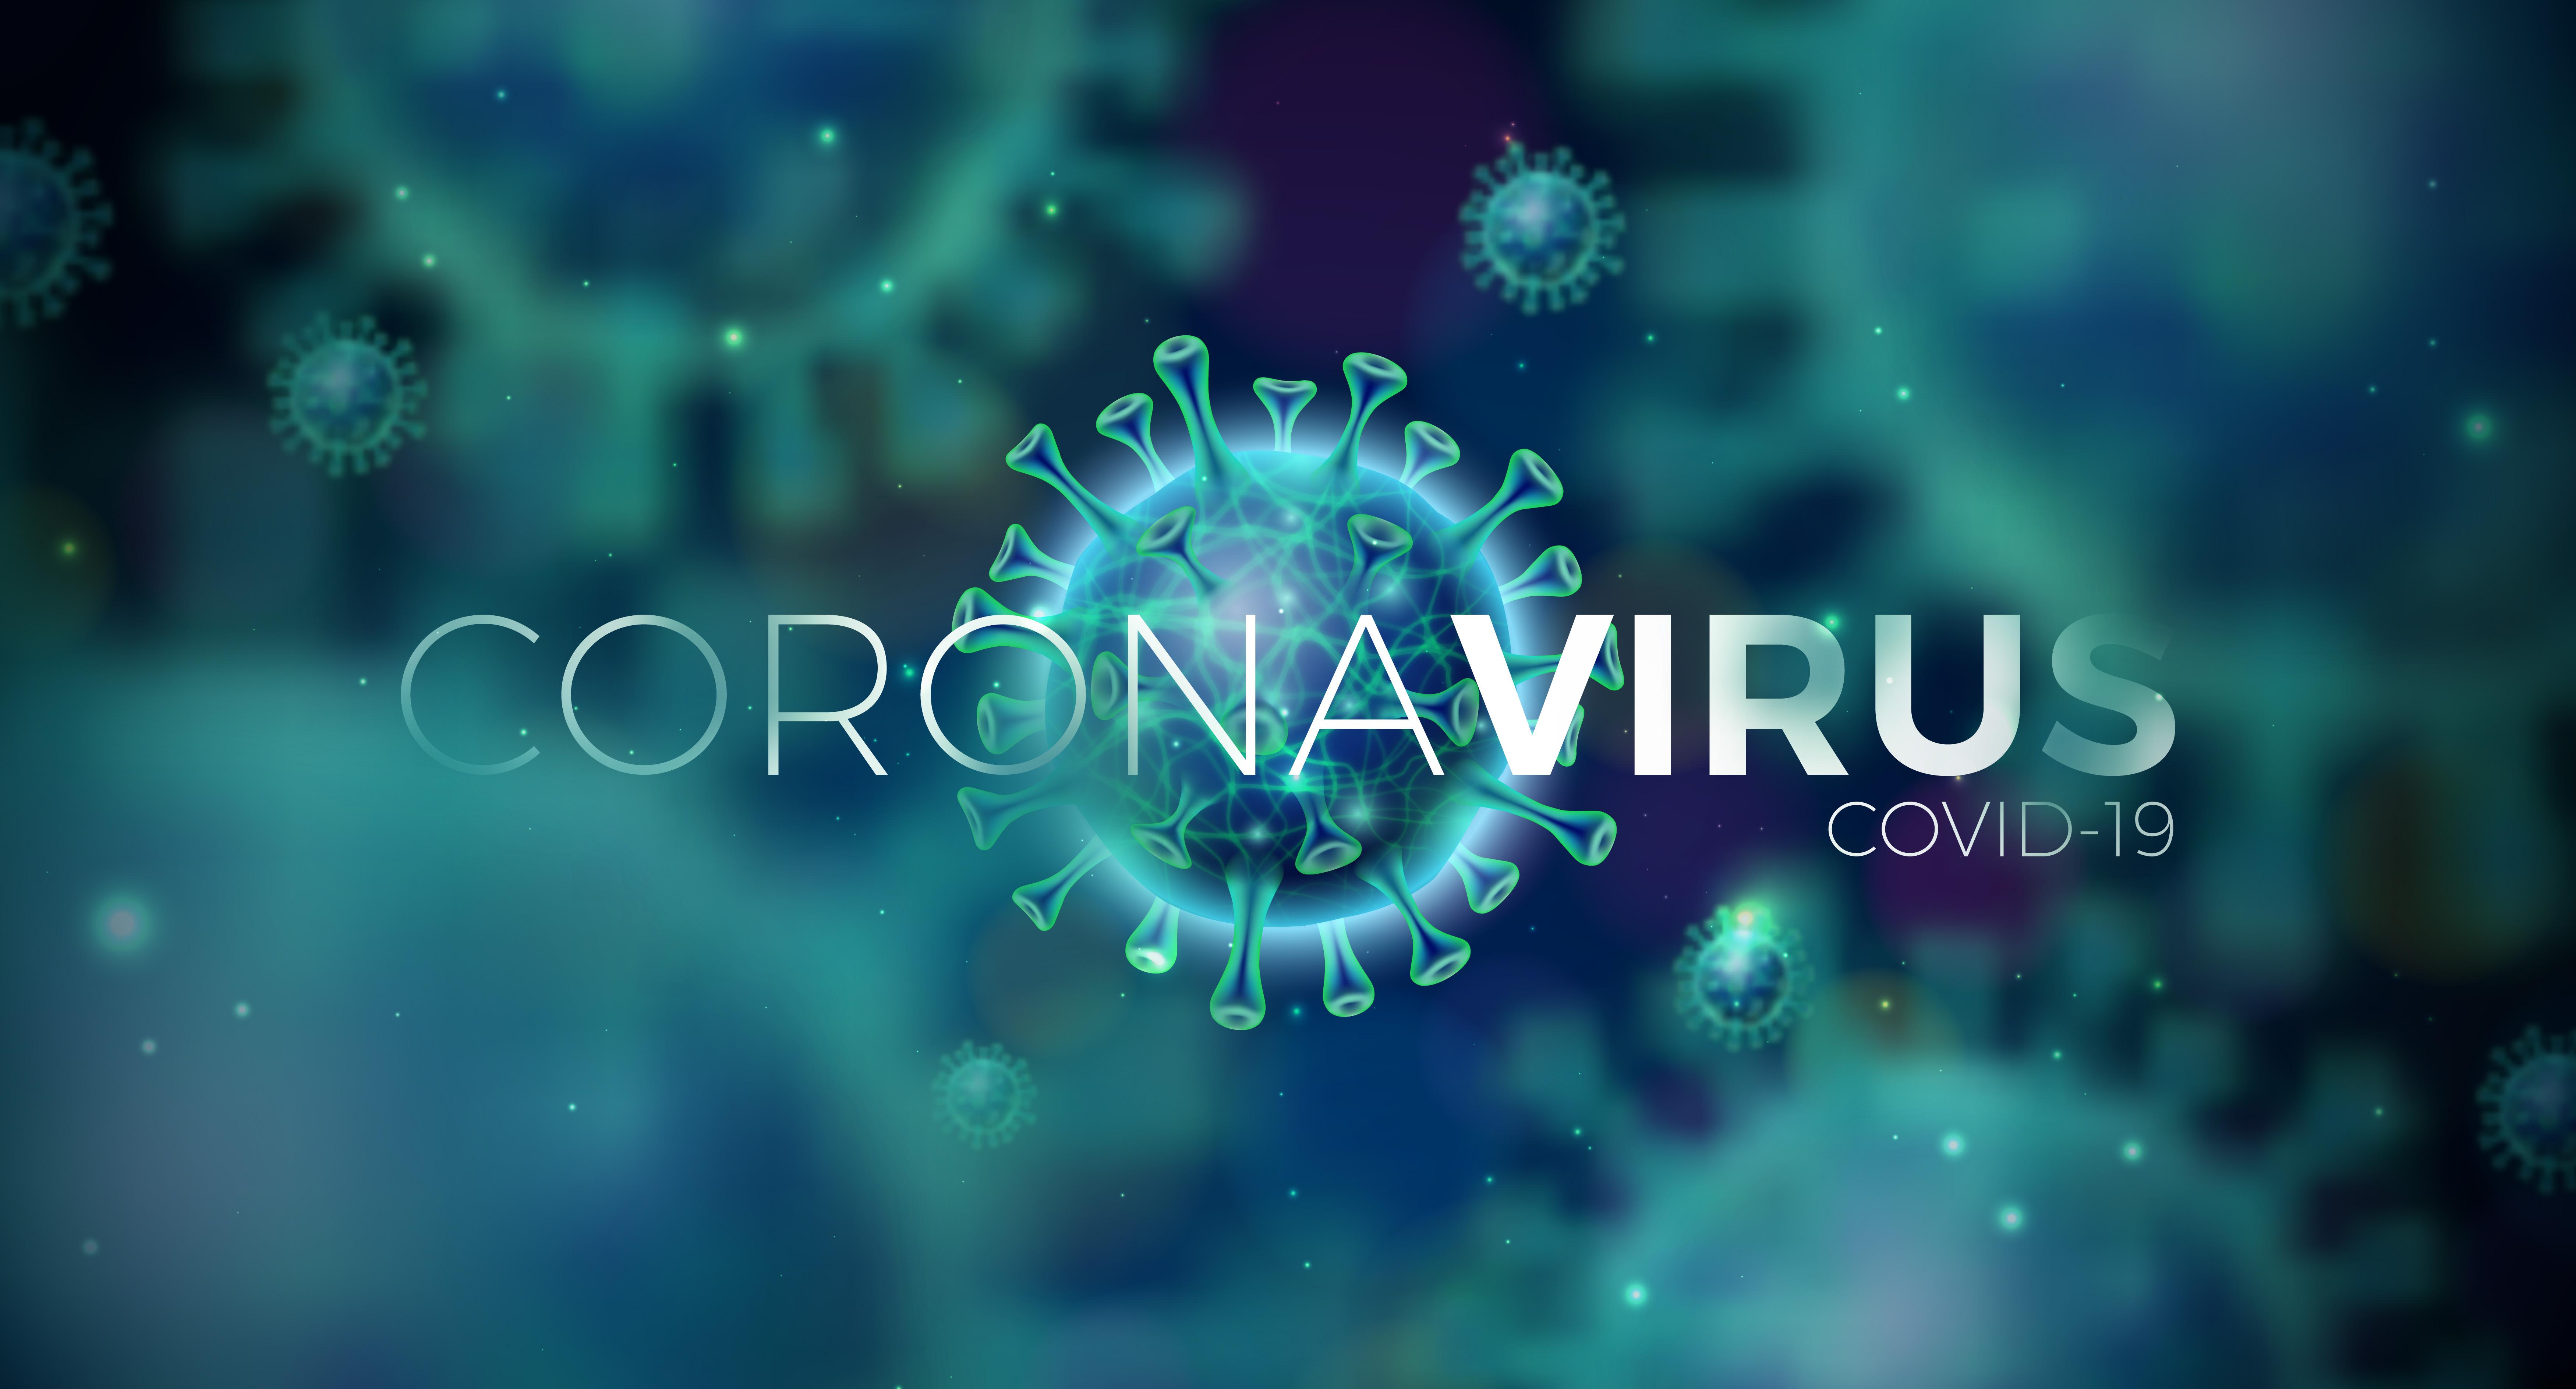 新型コロナウイルスとは